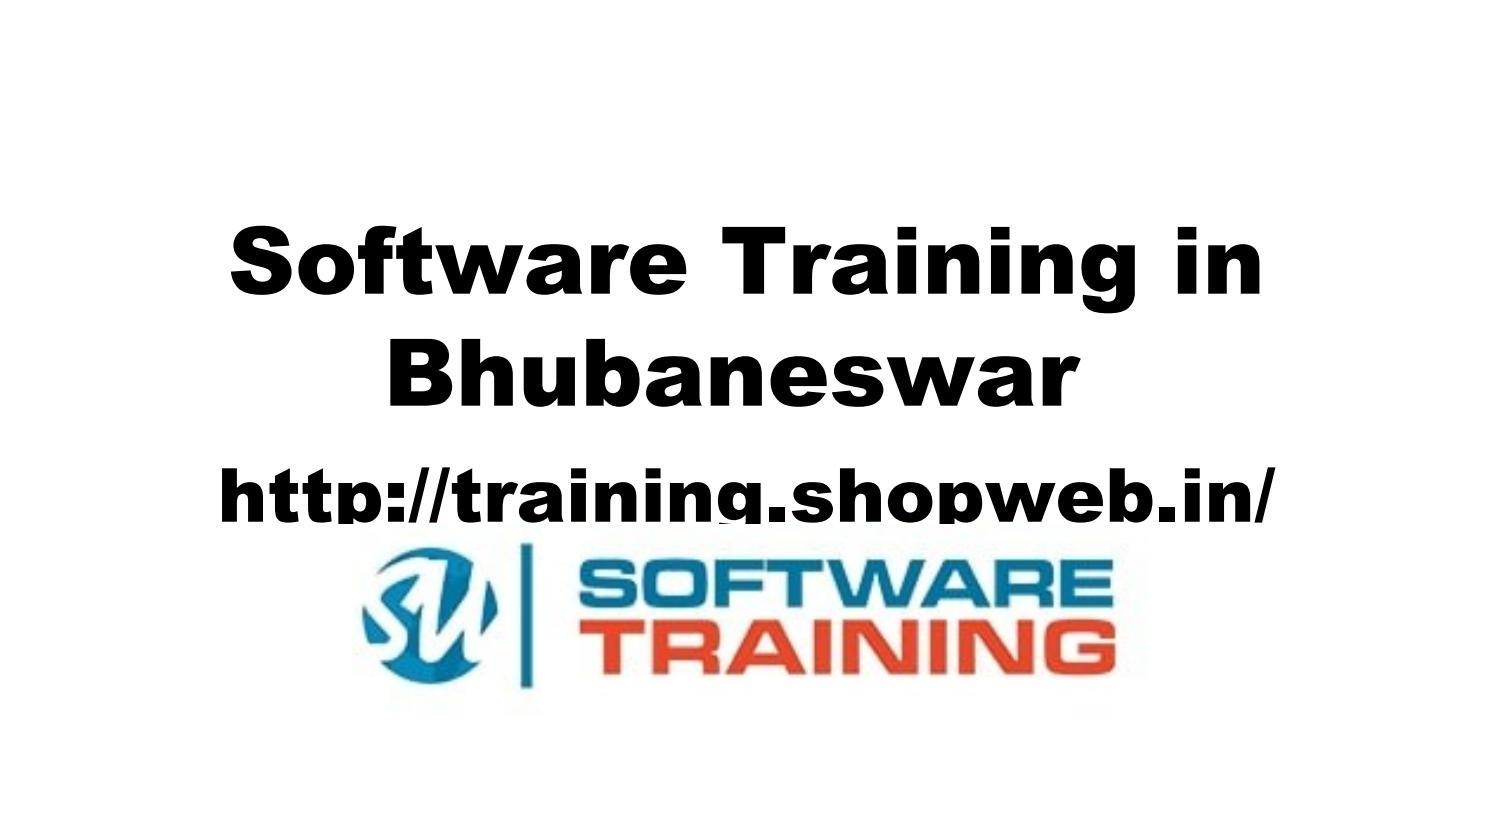 Software Training Institute In Bhubaneswar Web Designing Course In Bhubaneswar By Shopweb Training Issuu